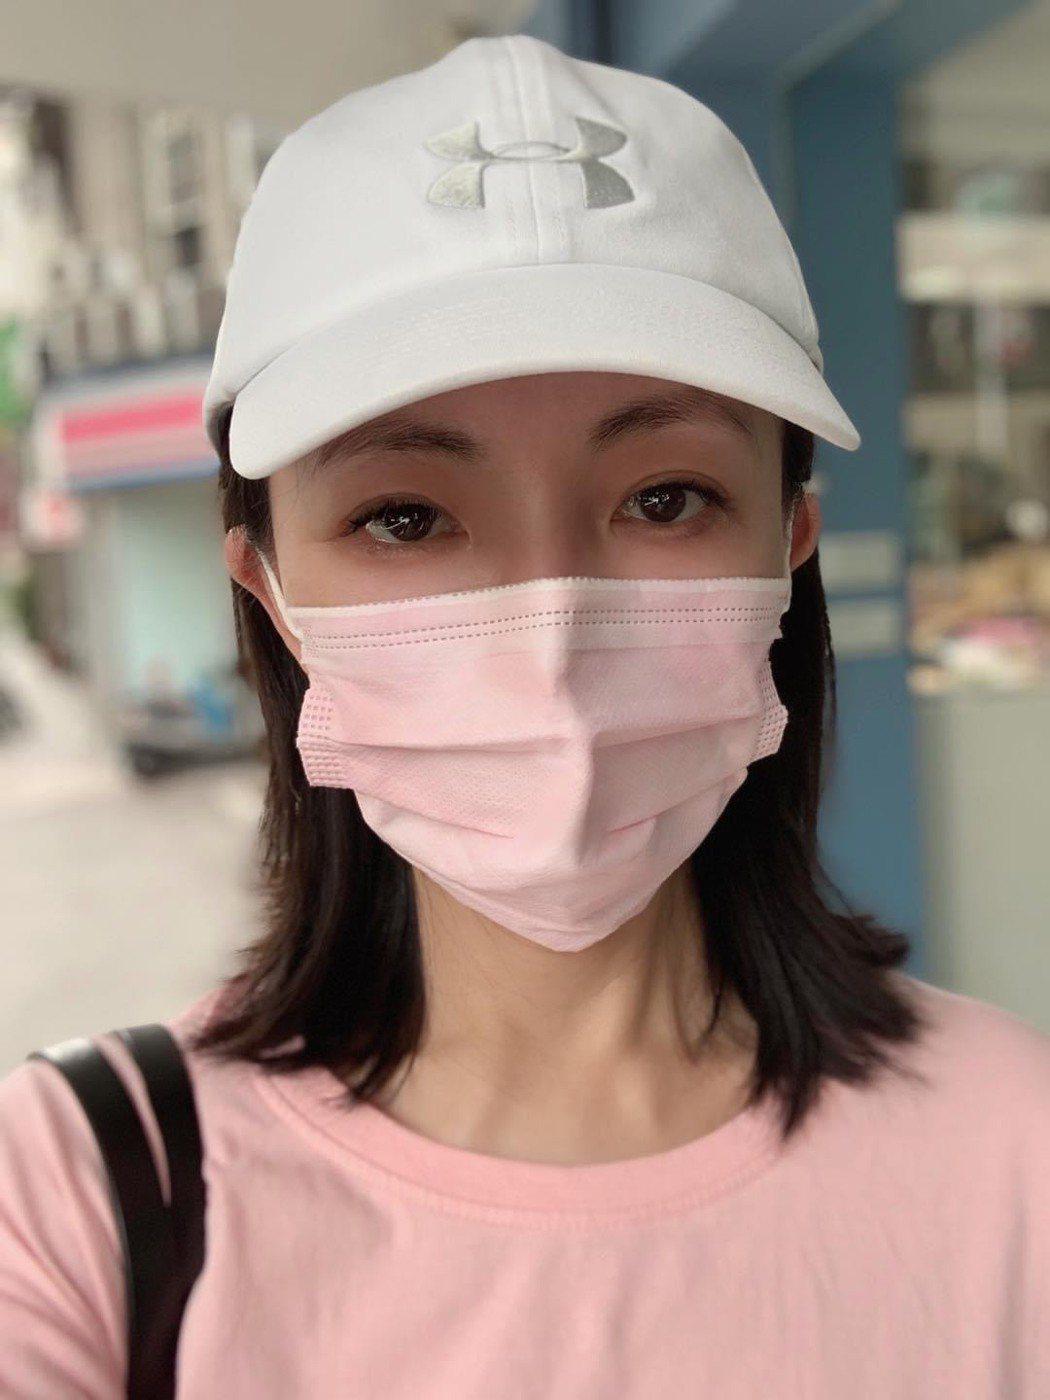 郭昱晴演出的戲劇 「北區人醫會牙助的故事」宣布停拍。圖/摘自臉書